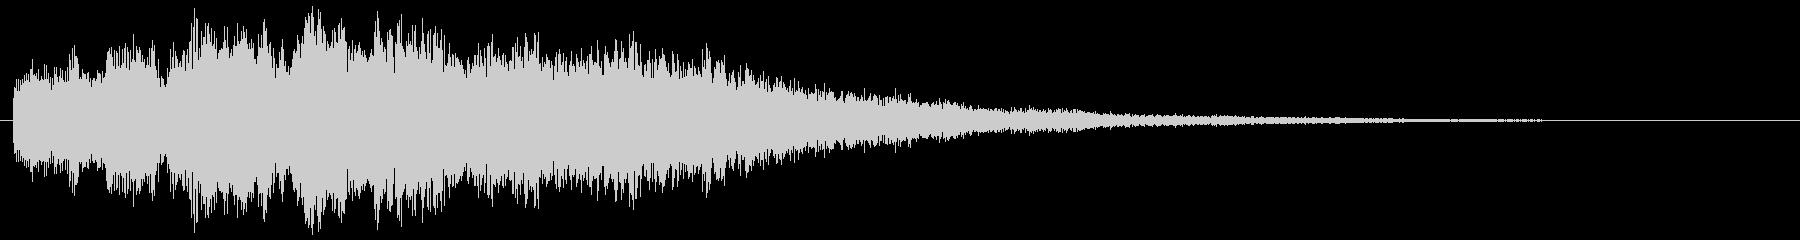 優しい煌びやかな音のサウンドロゴ ポップの未再生の波形